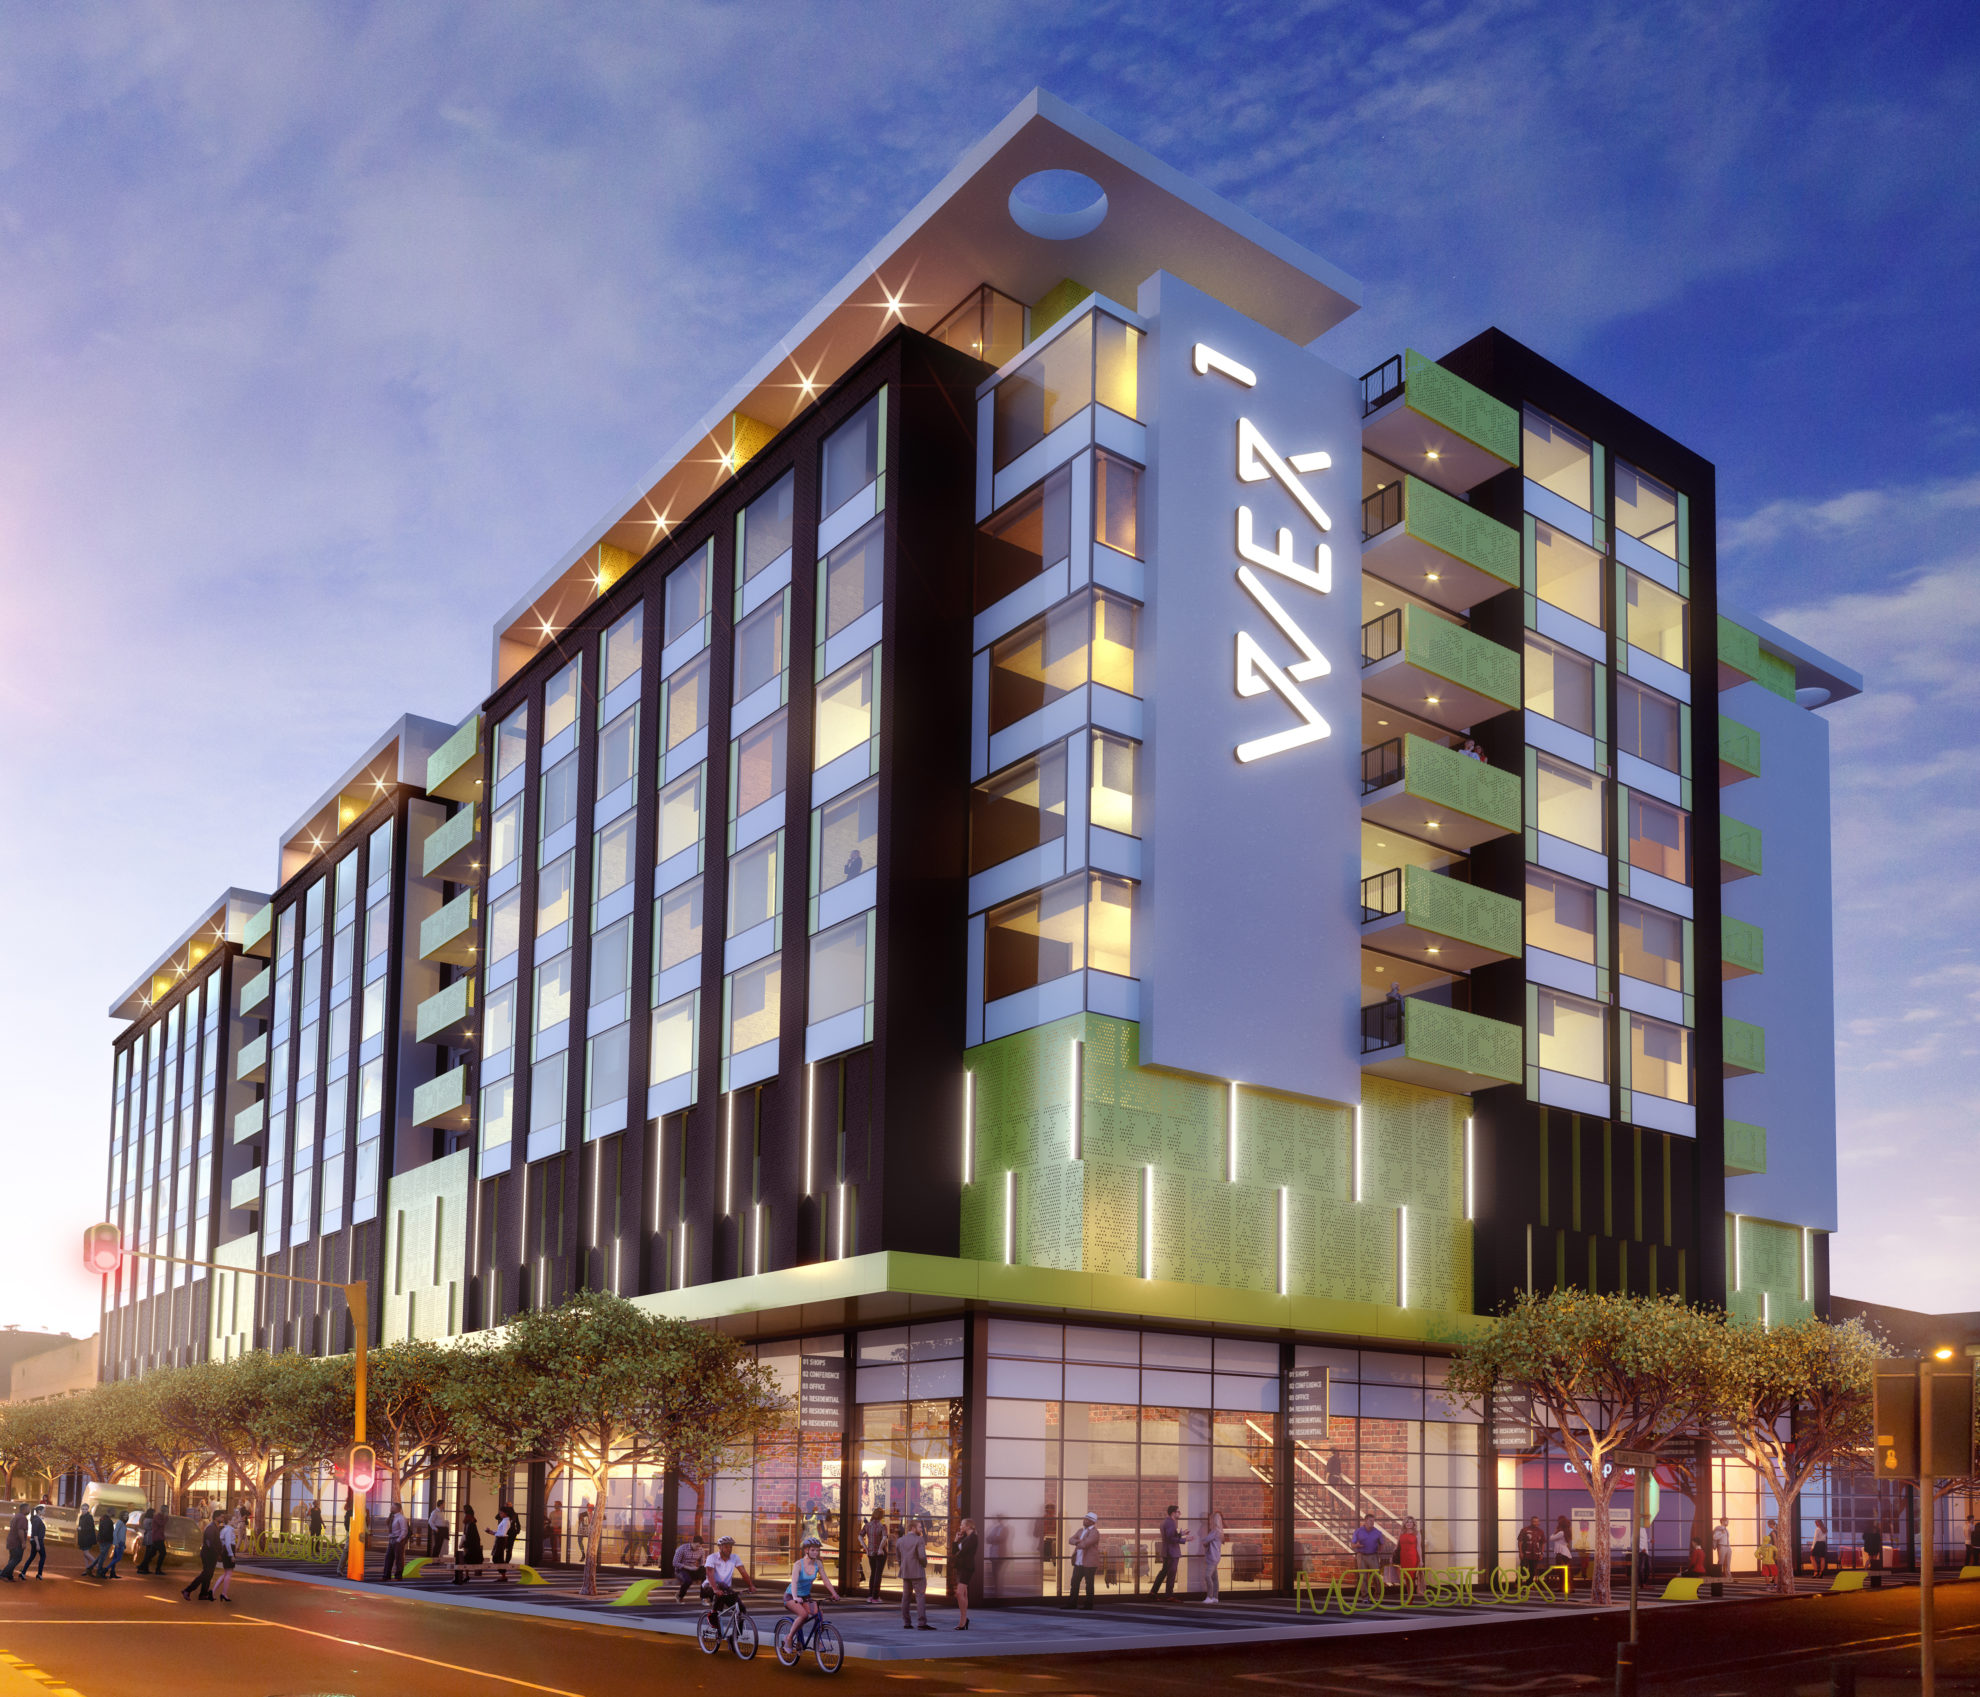 prix fou bons plans sur la mode sélectionner pour officiel New Cape Town property developments to watch out for in 2018 ...